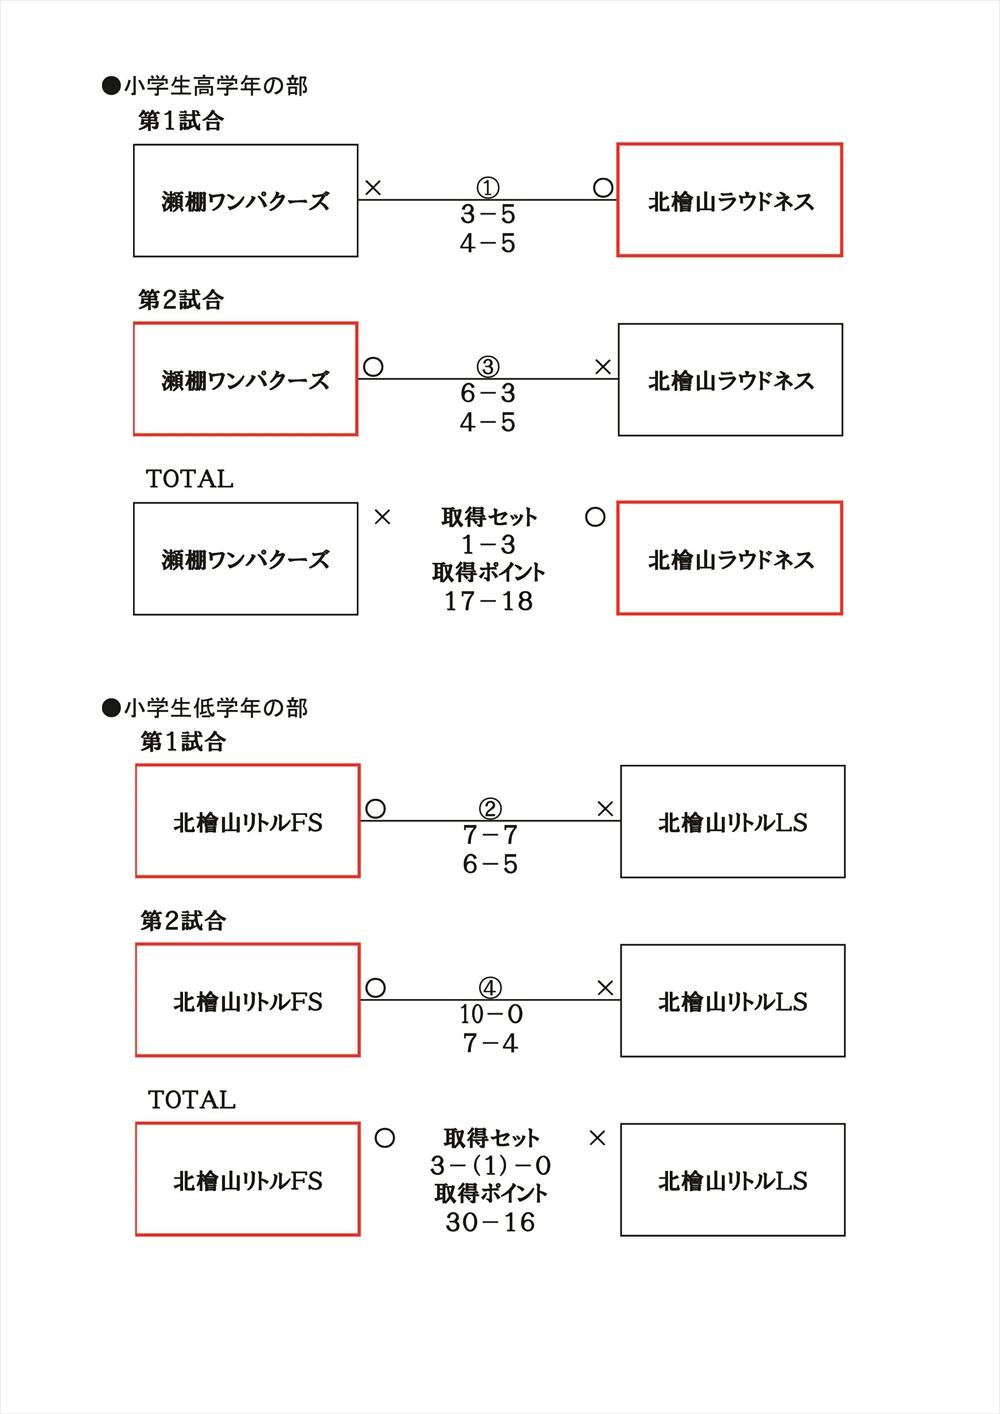 2017せたなCUP結果2